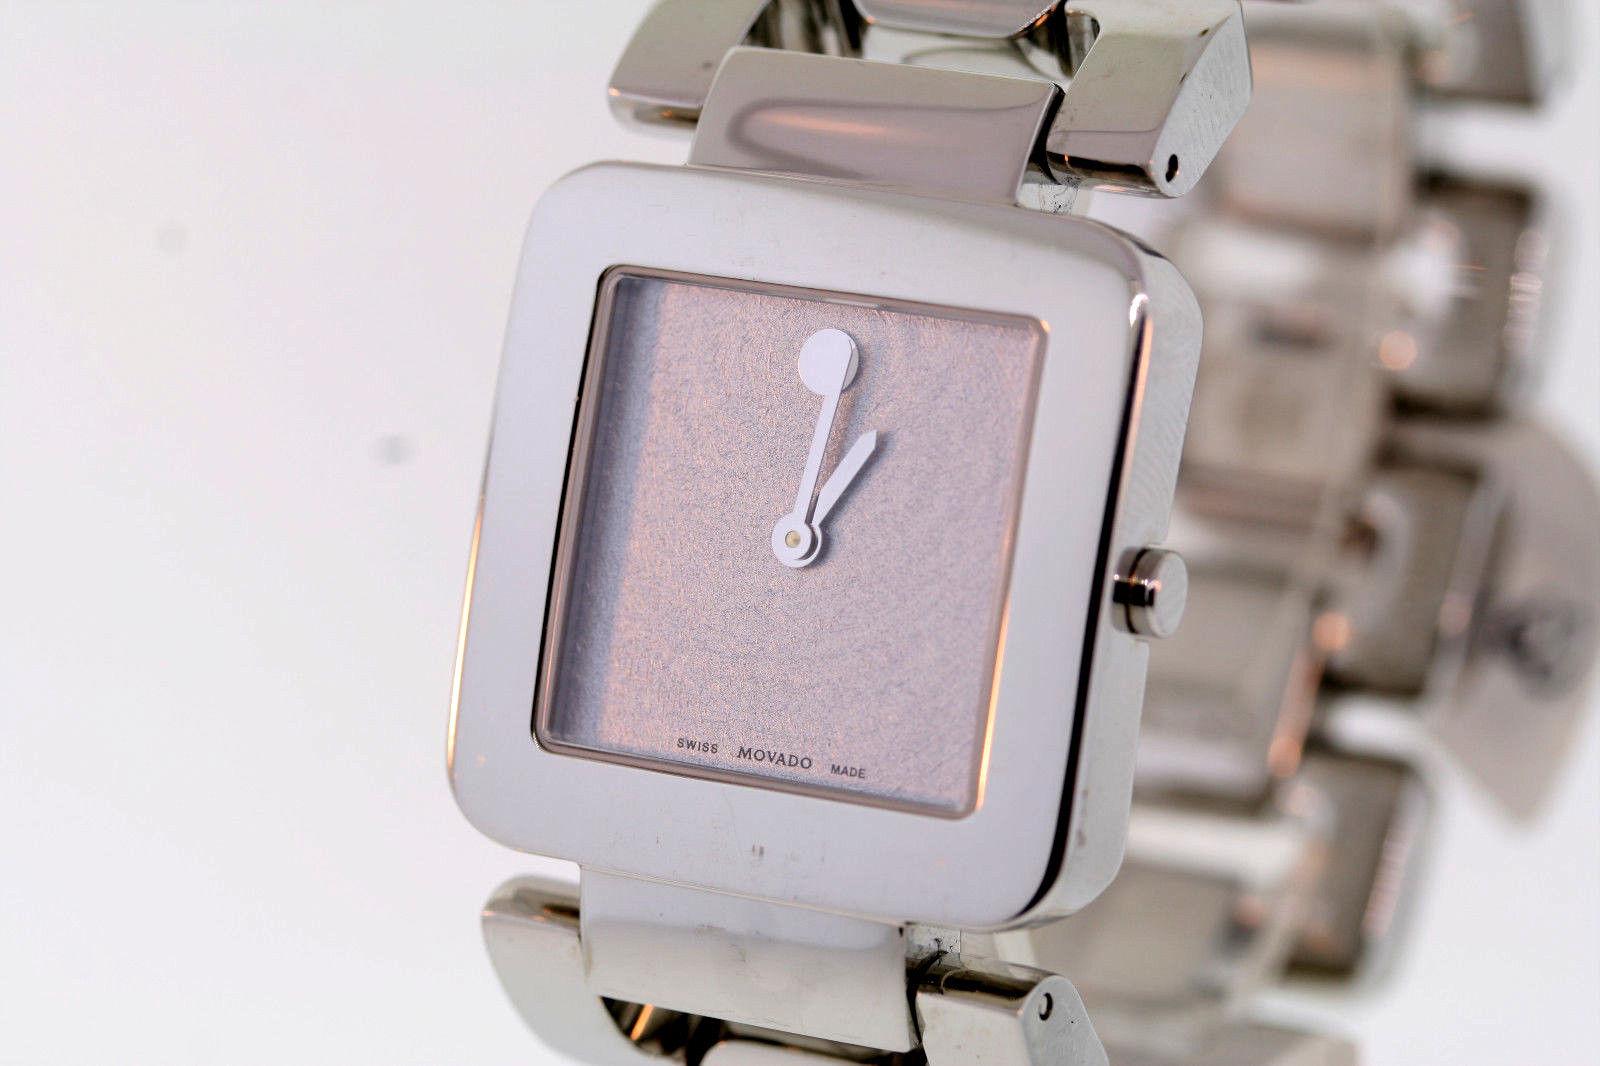 Mẫu đồng hồ mặt vuông sử dụng luôn được lòng các chị em